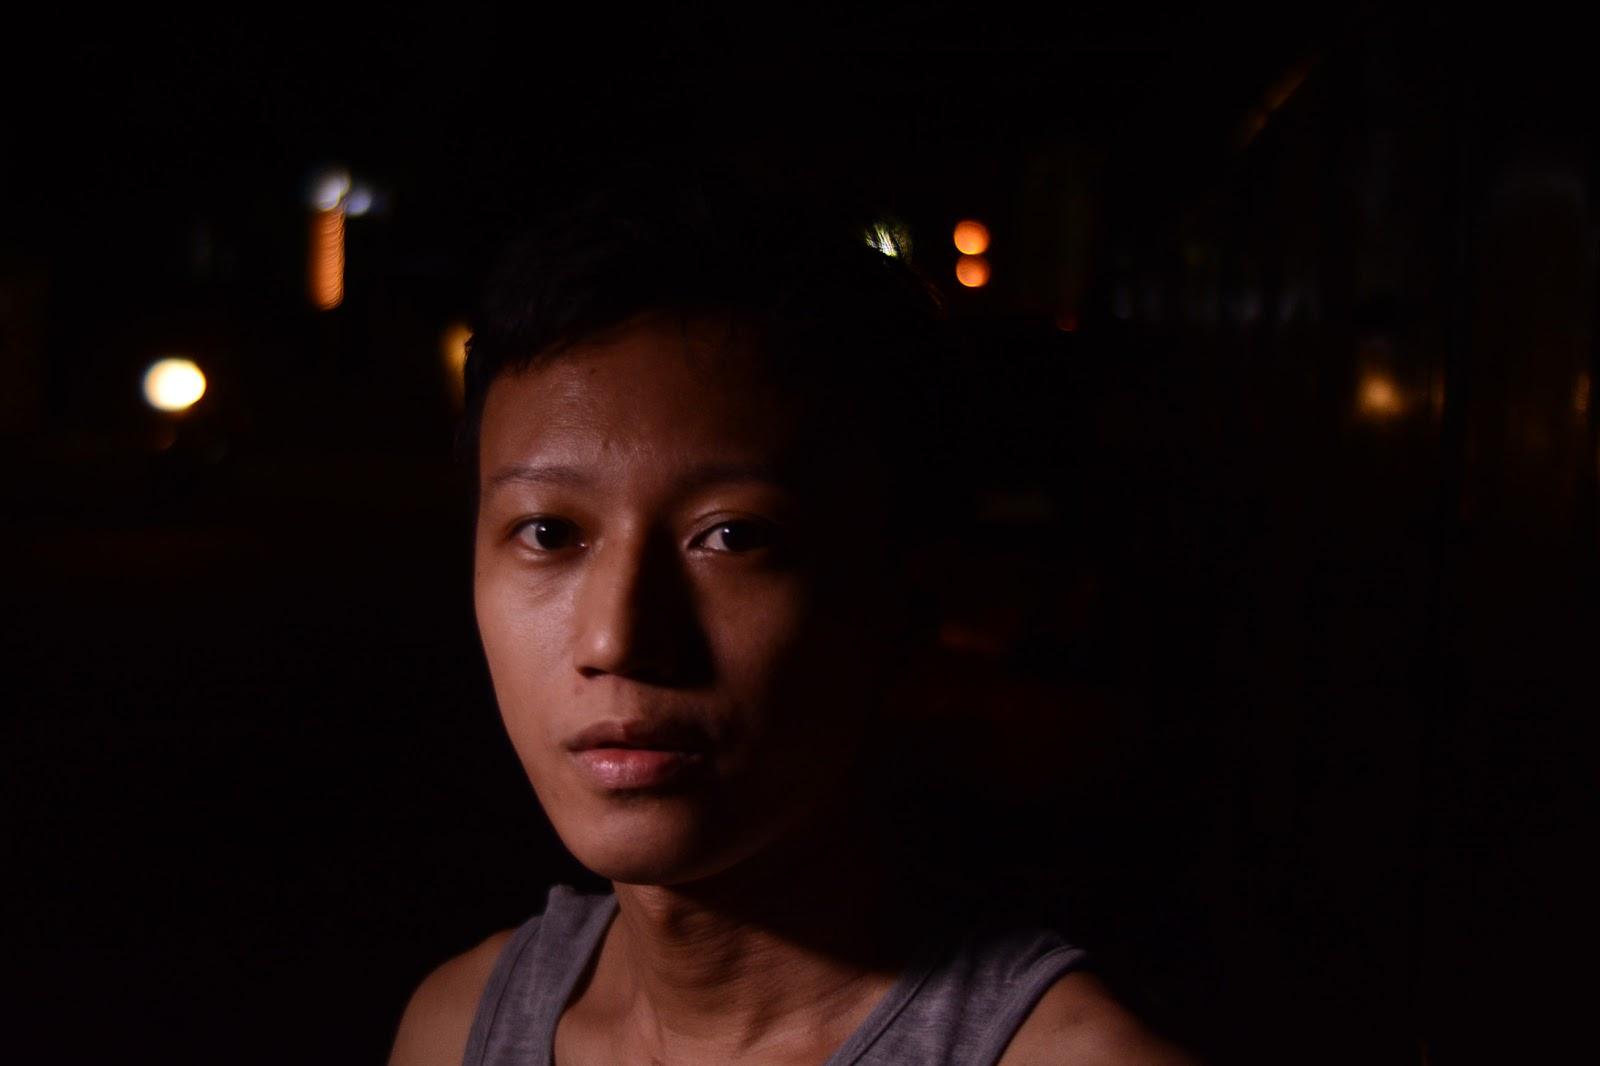 Alfo Supercolor 28mm f/2.8 MC (Samyang)